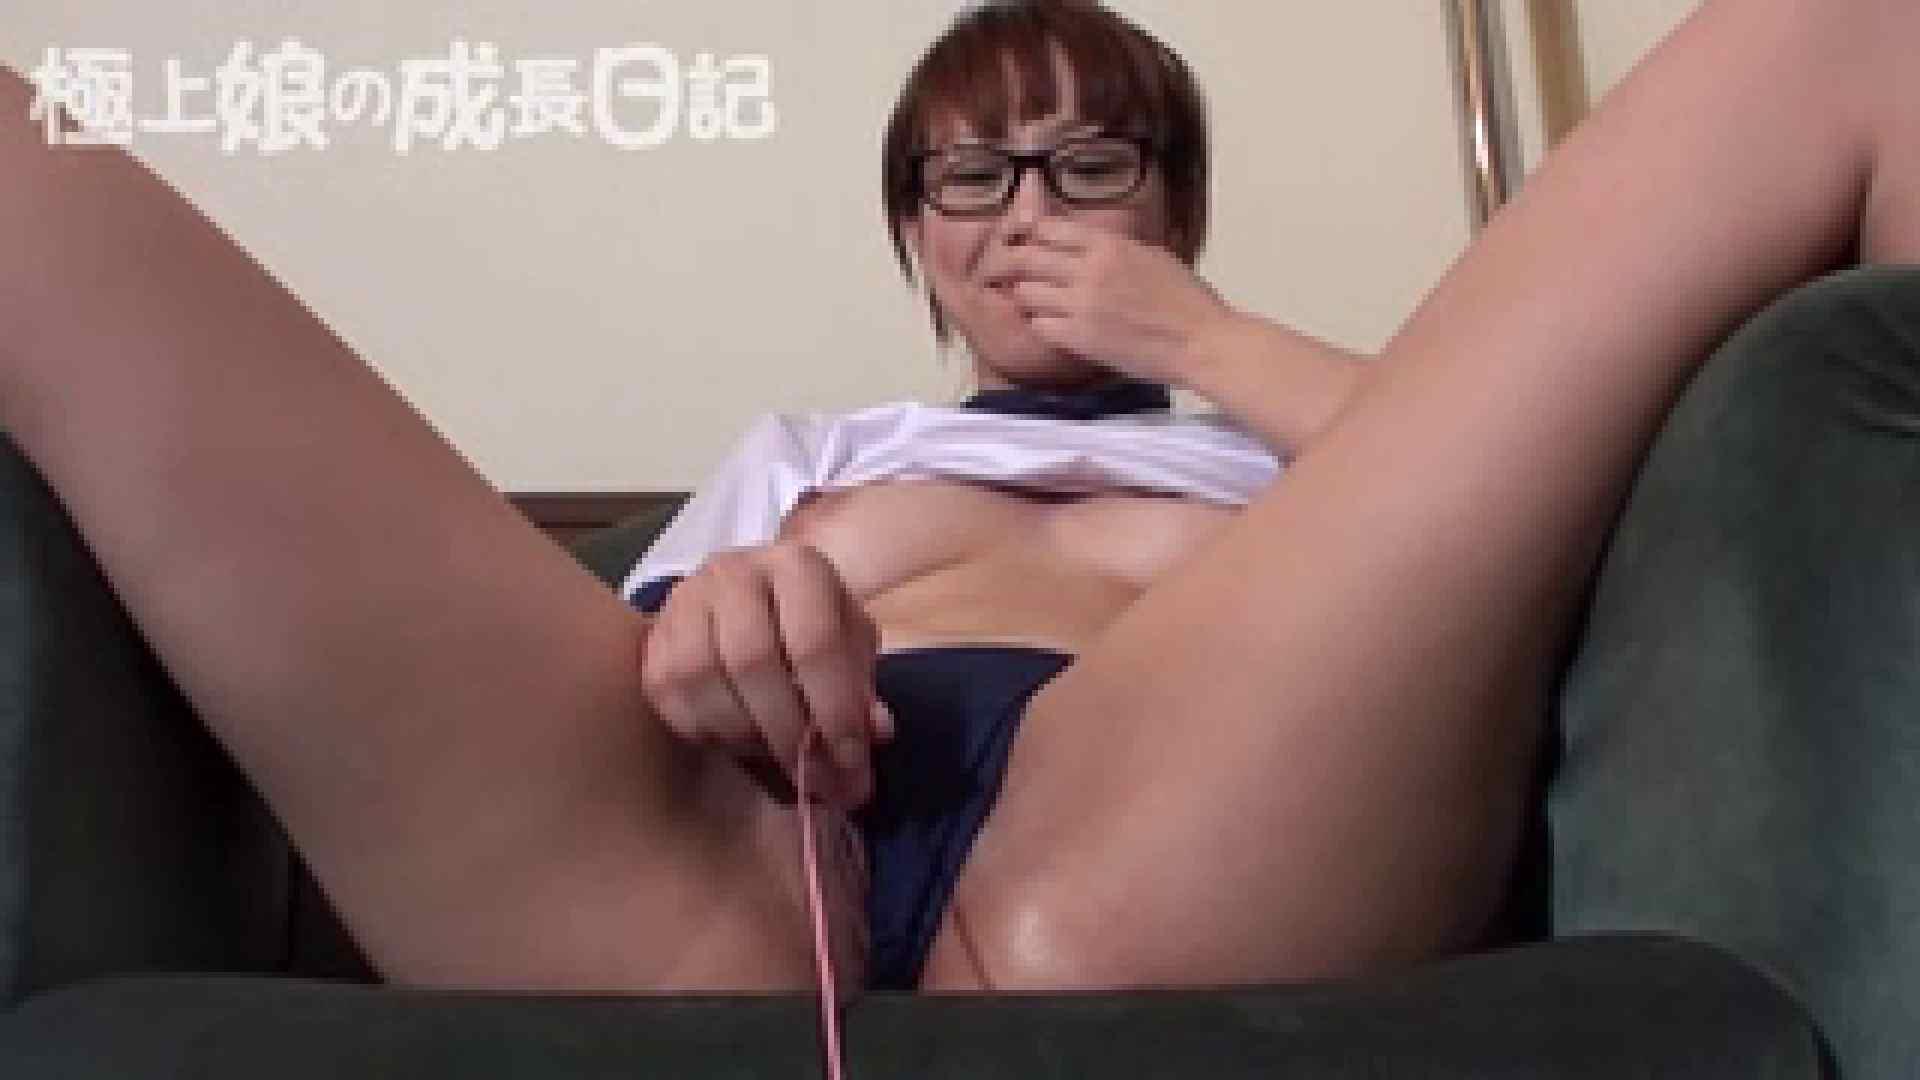 極上素人嬢の成長日記 コスプレハメ撮りブルマ編 一般投稿   美乳ばかり!  110pic 64